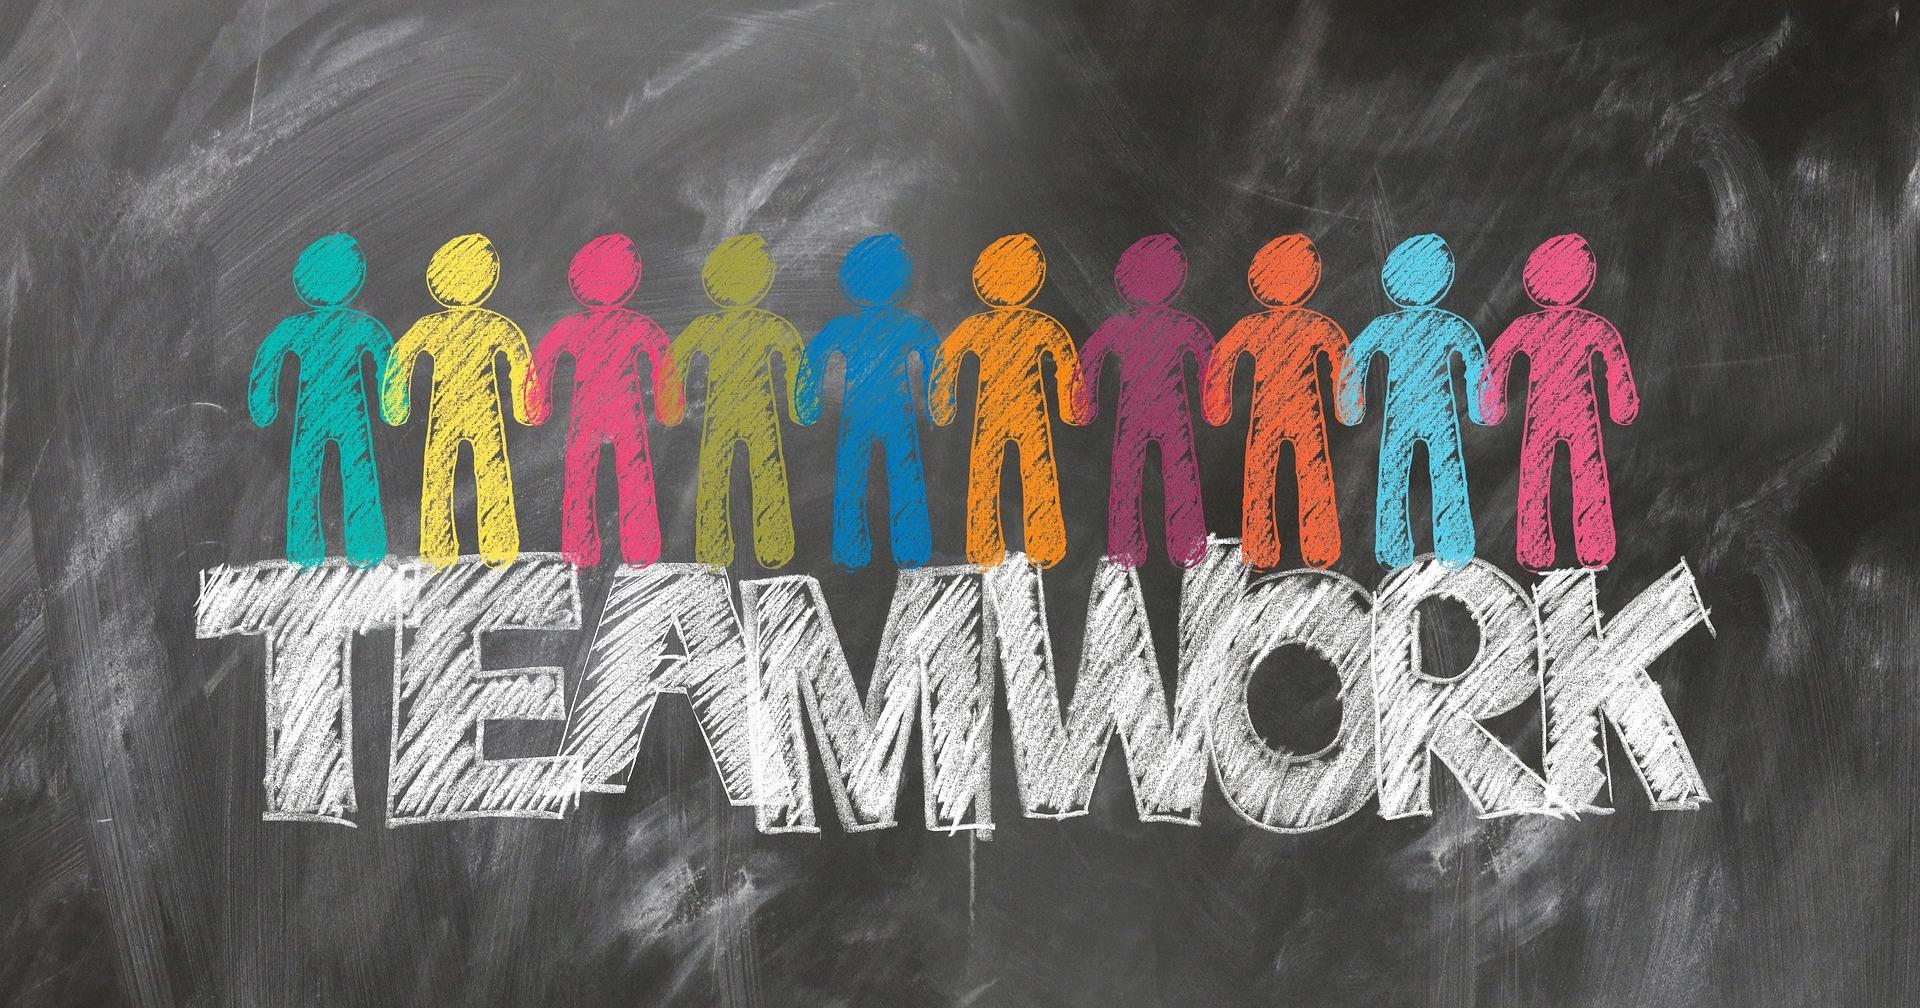 團隊 teamwork-2499638_1920